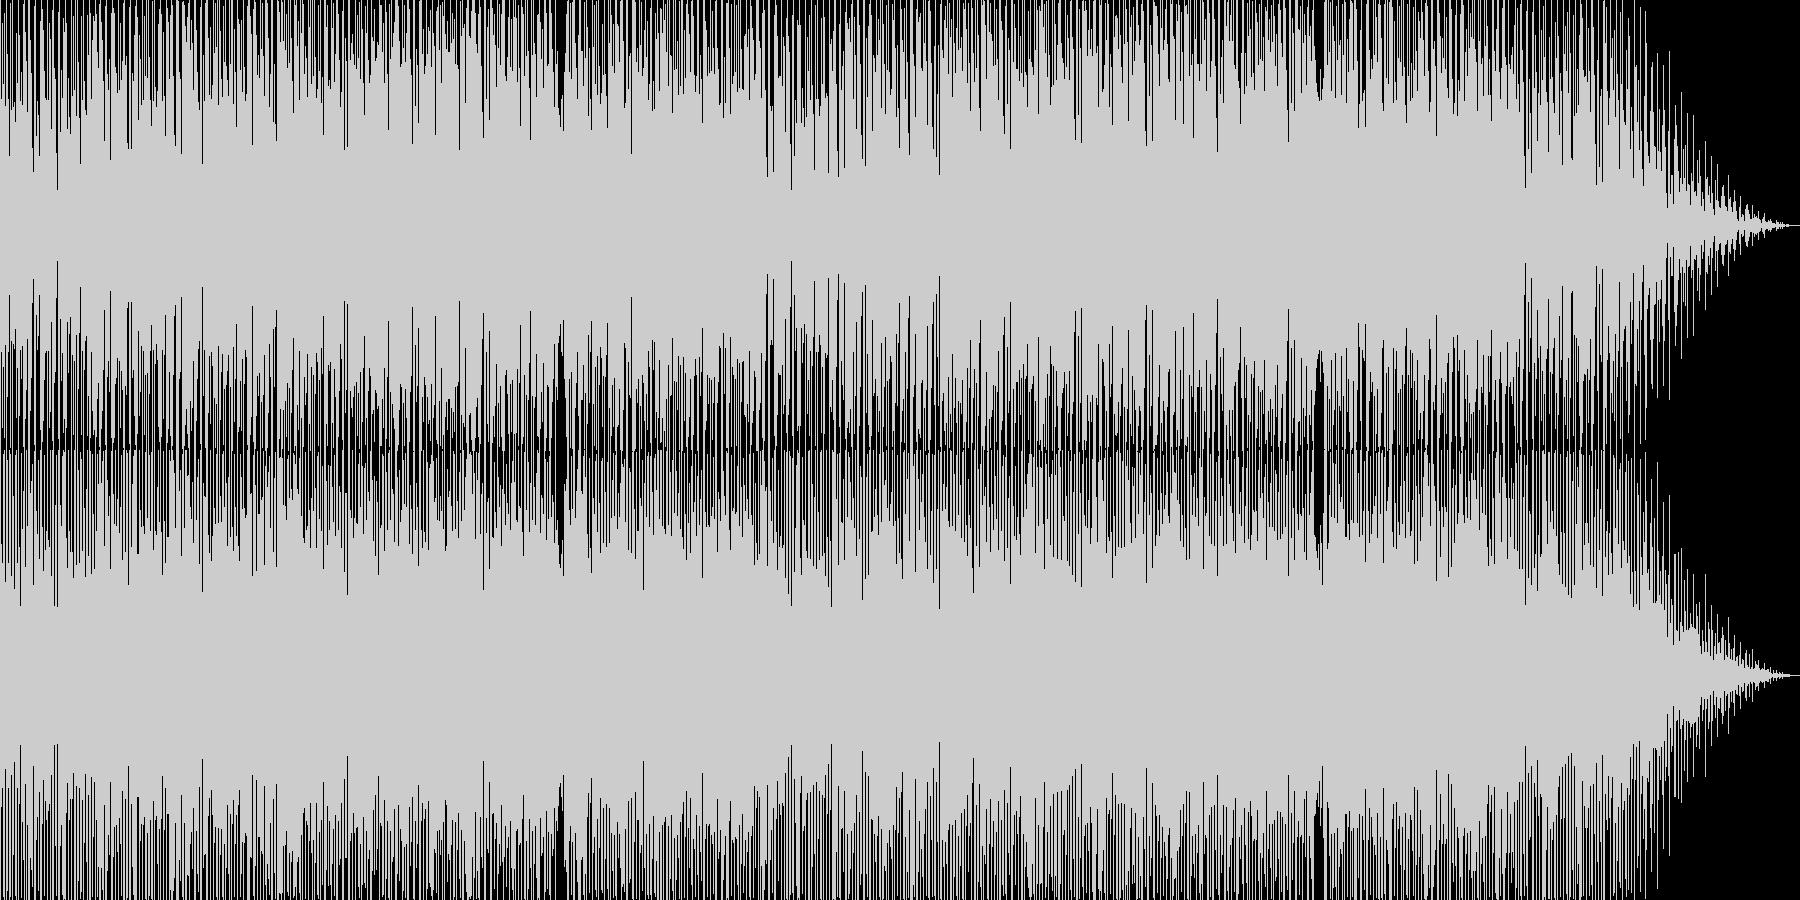 ポップで可愛いボサノバの未再生の波形